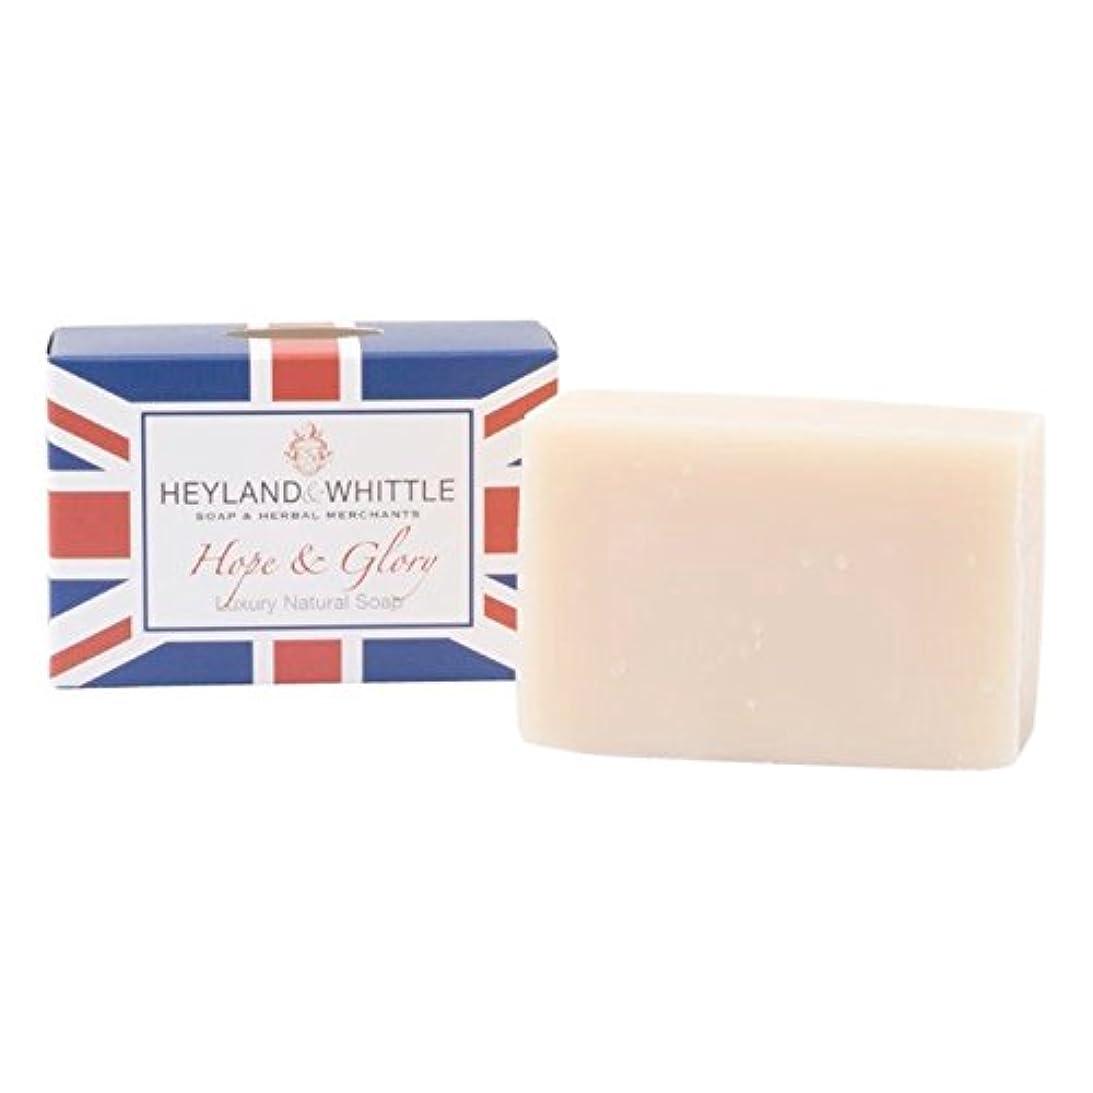 パイプライン懸念データベースHeyland&削る希望と栄光の石鹸 (Heyland & Whittle) (x2) - Heyland & Whittle Hope and Glory Soap Bar (Pack of 2) [並行輸入品]